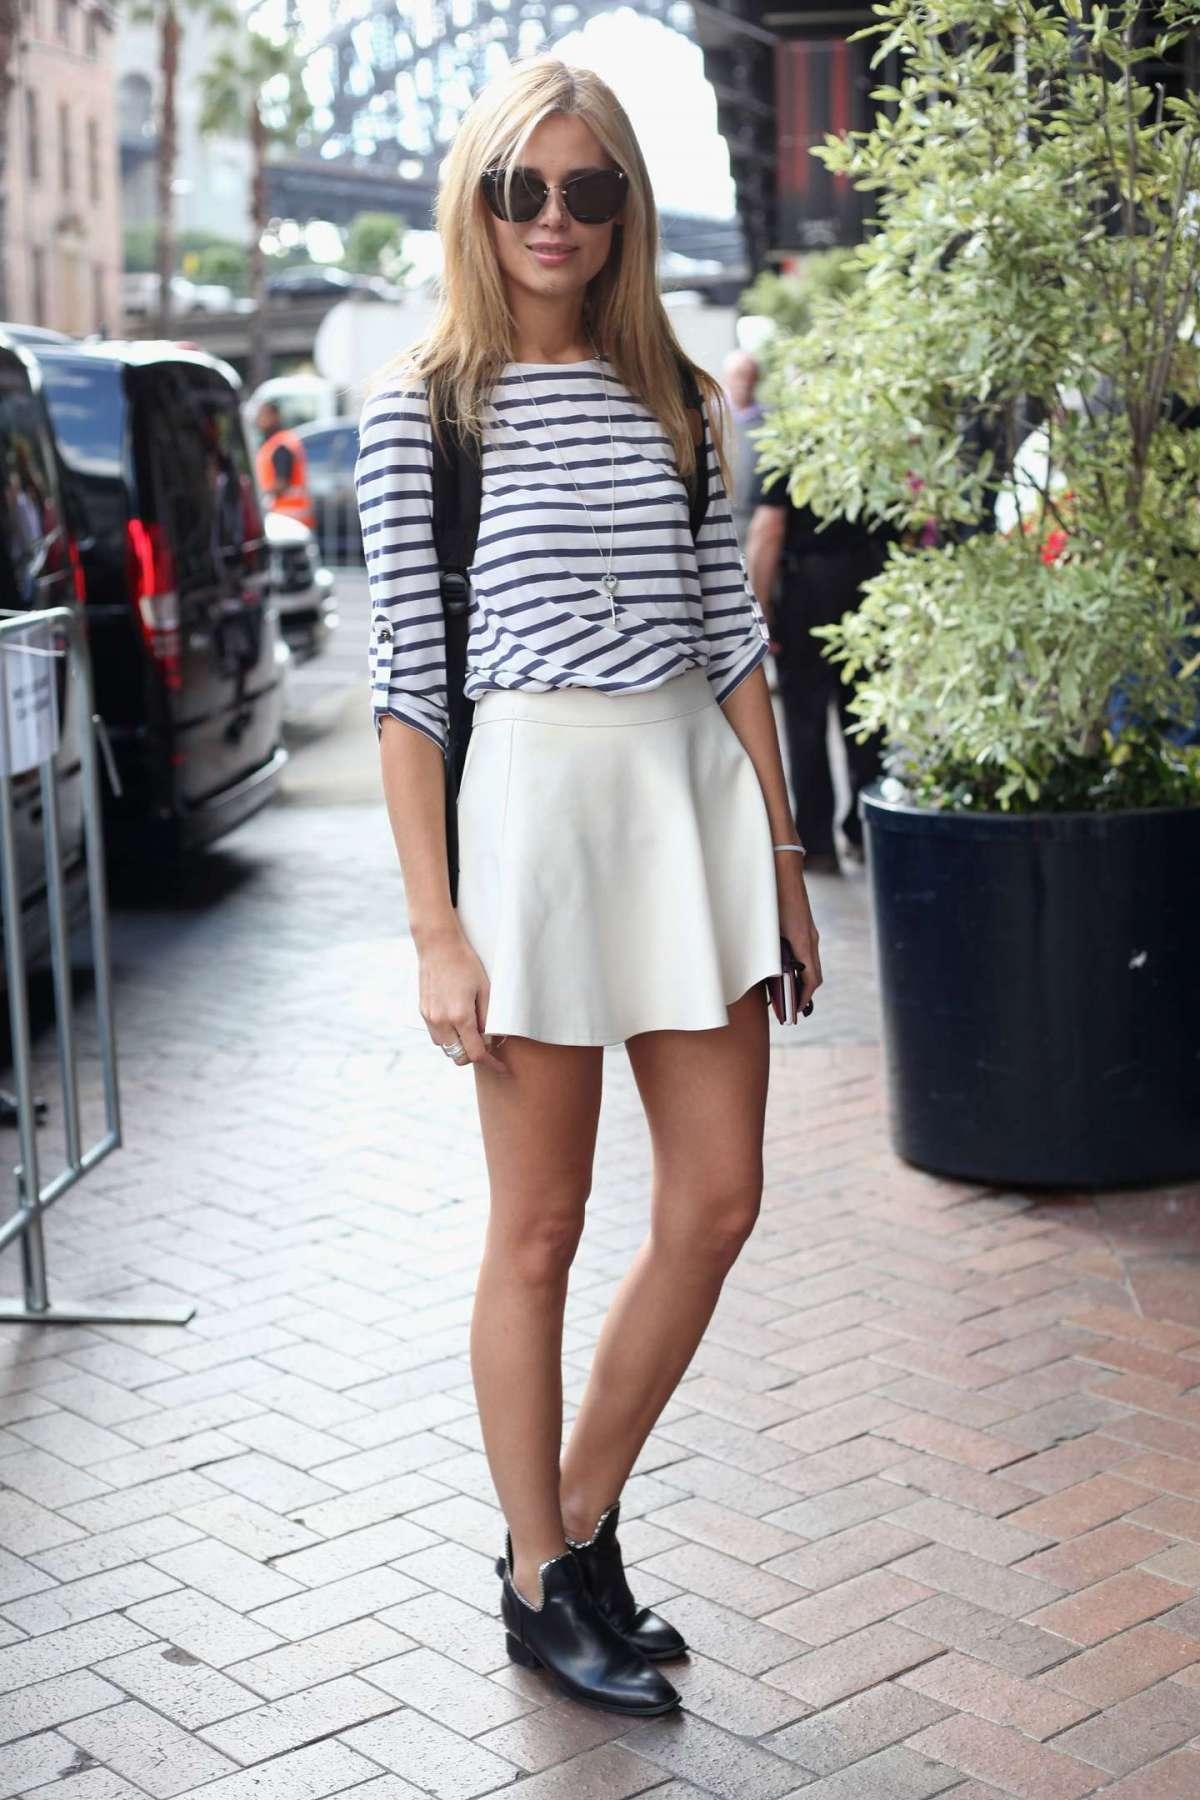 Minigonna bianca e scarpe nere